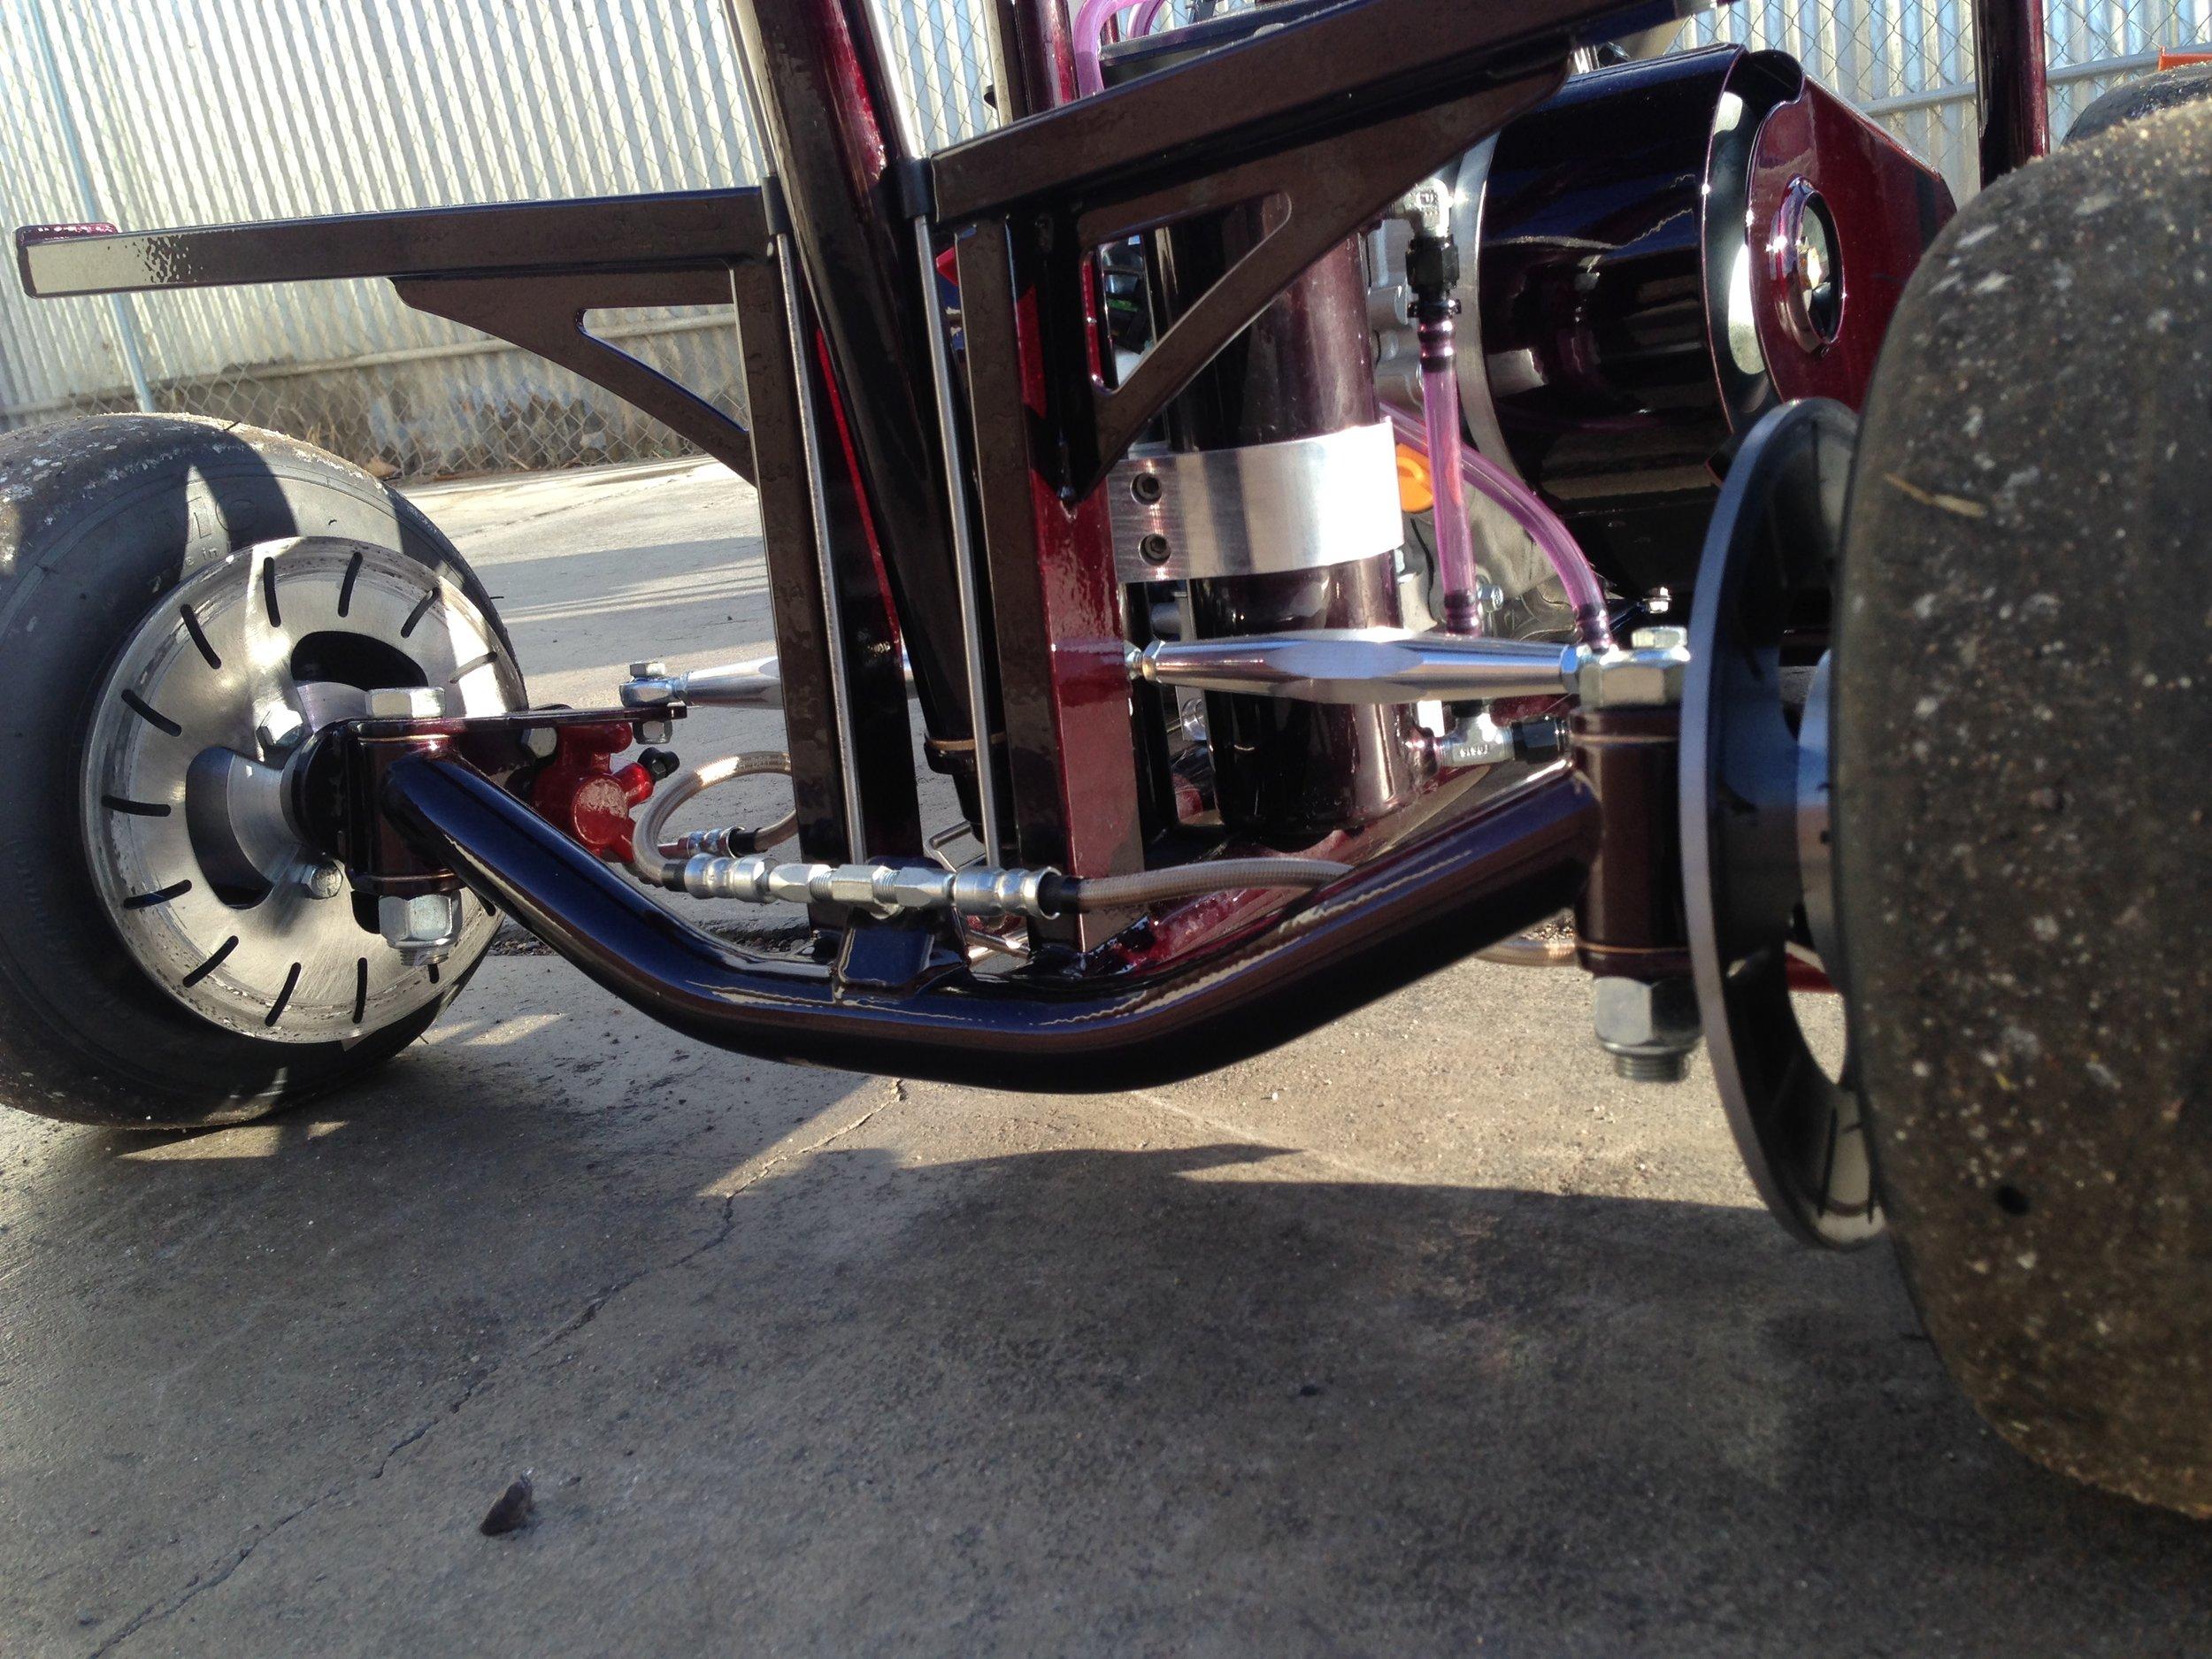 Barstool racer built for stoppies